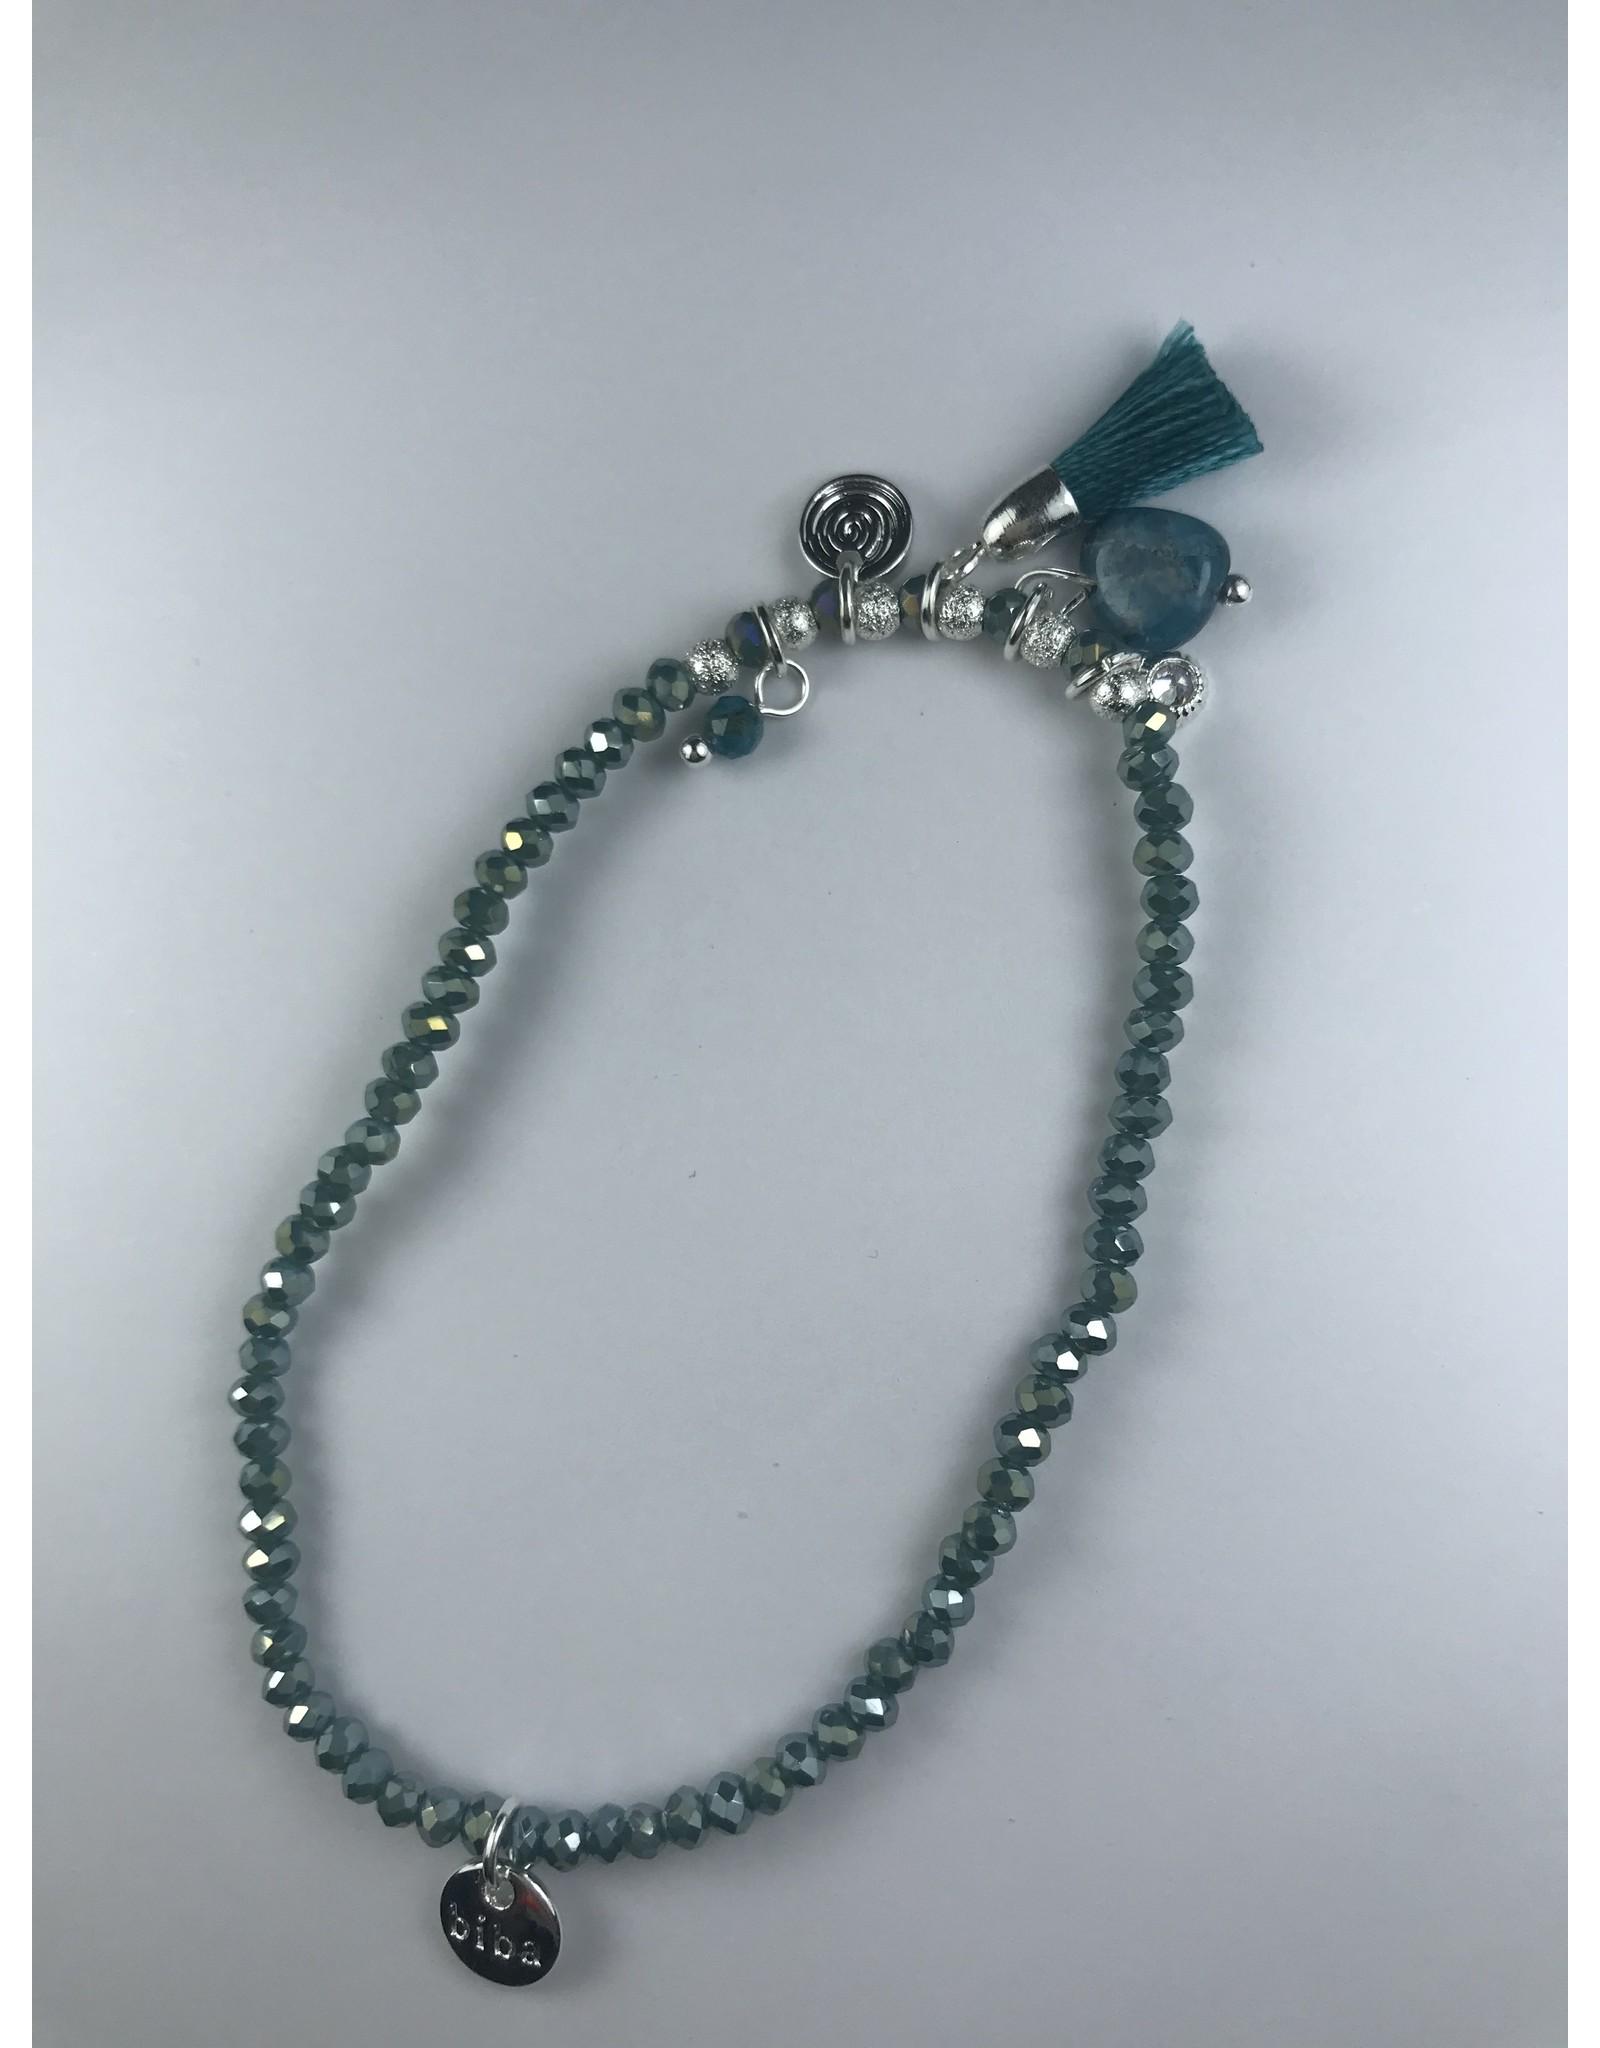 Biba armband grijs fijne bolletjes - zilverkleurige afwerking